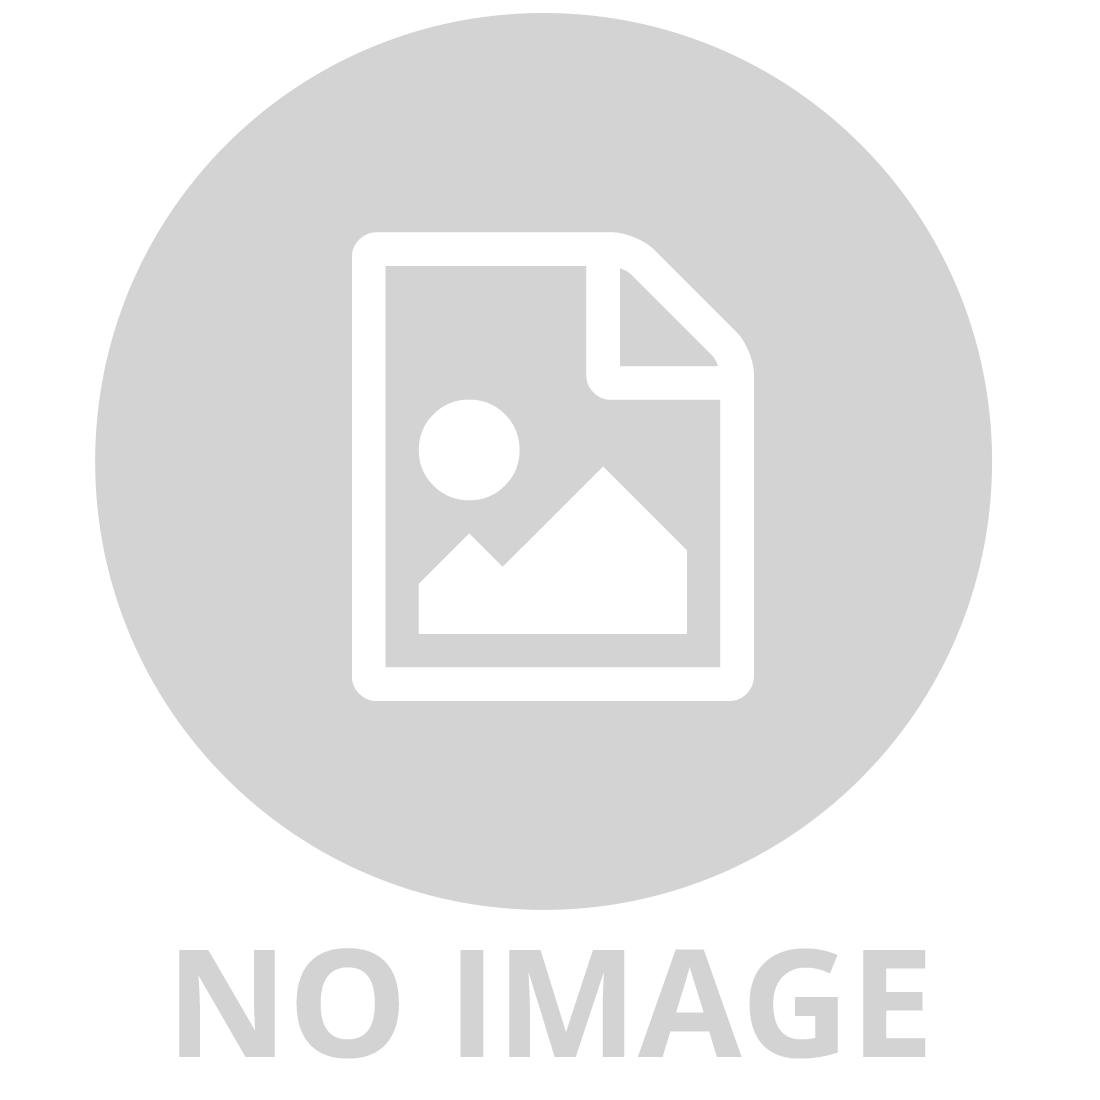 LEGO 75259 STAR WARS SNOWSPEEDER 20TH ANNIVERSARY EDITION